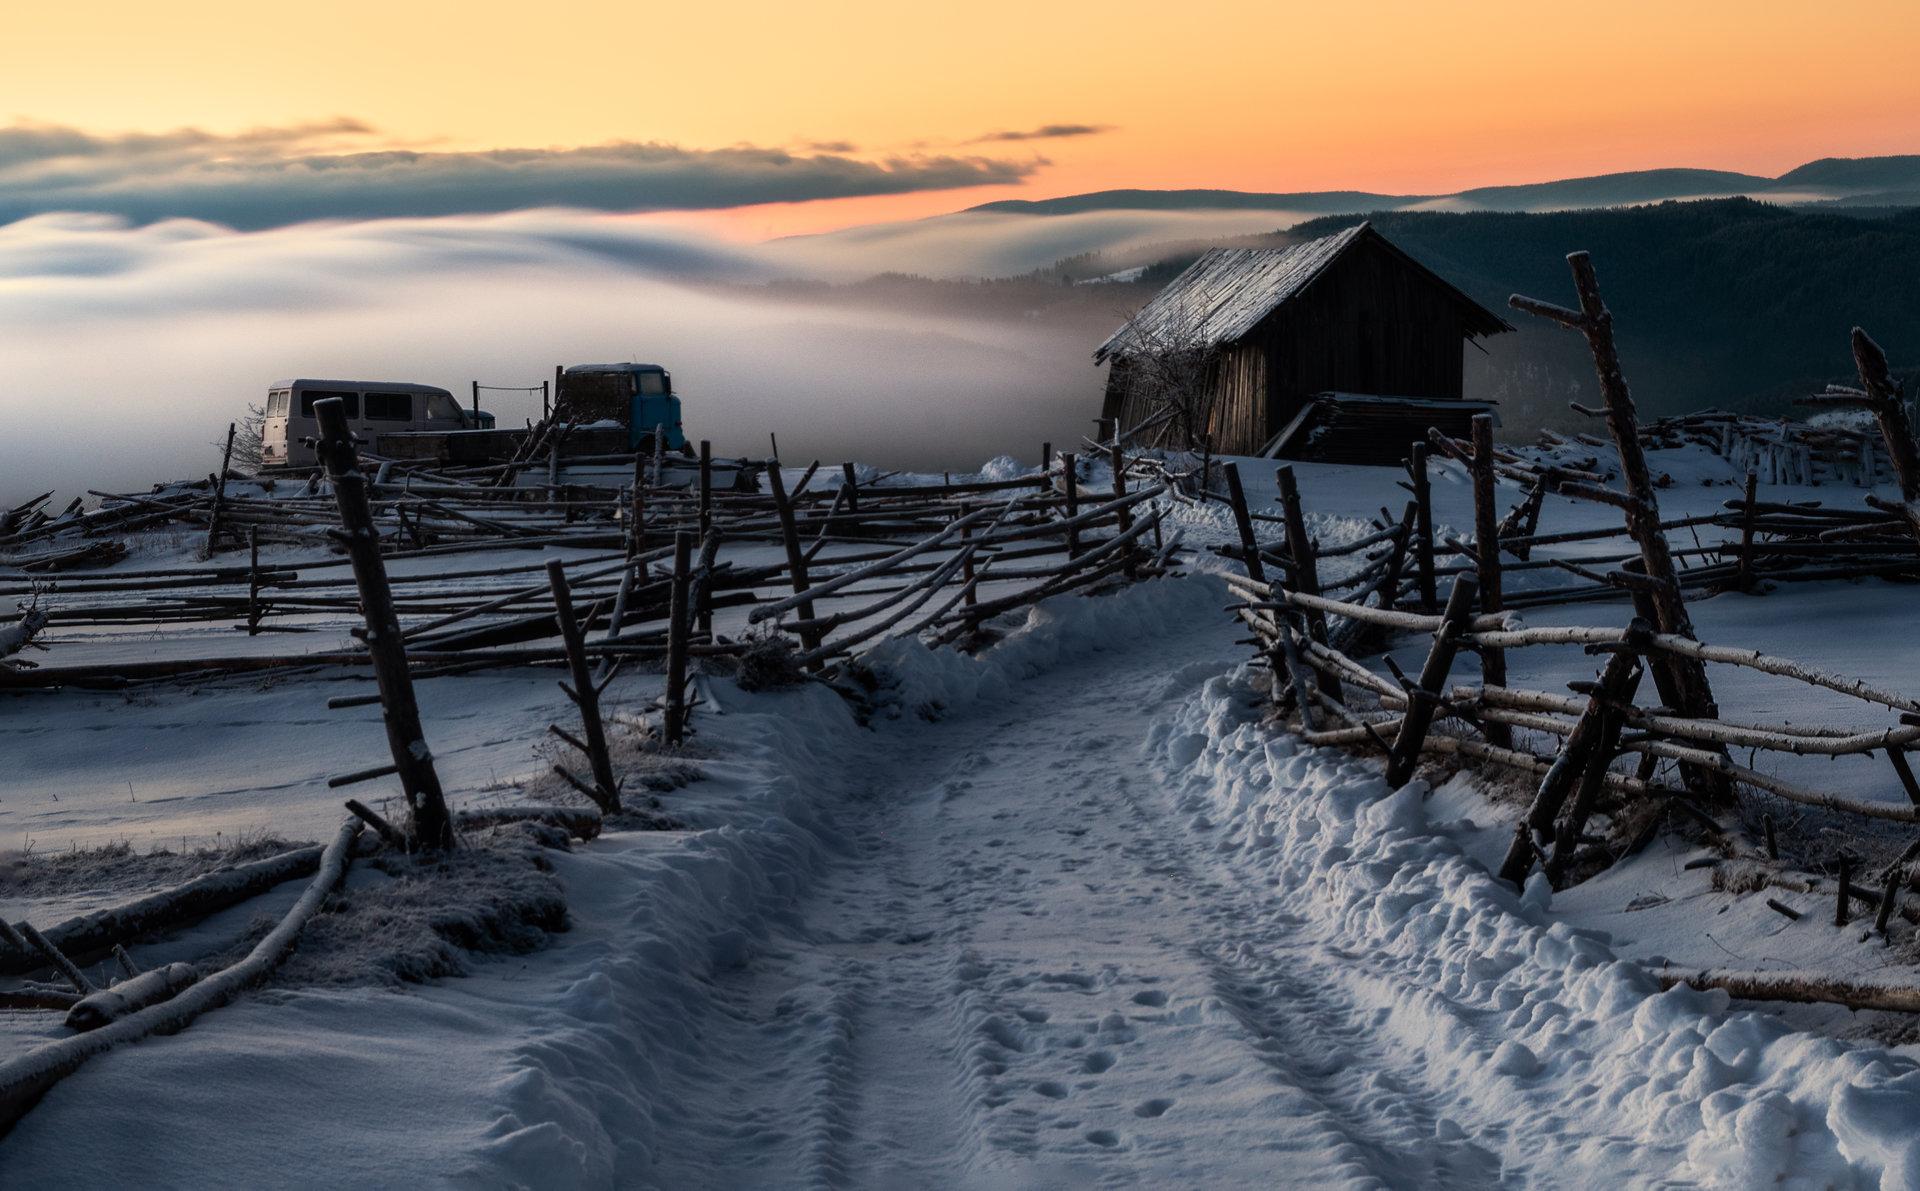 На зазоряване | Author Nadezhda Raycheva - sunnyhope | PHOTO FORUM